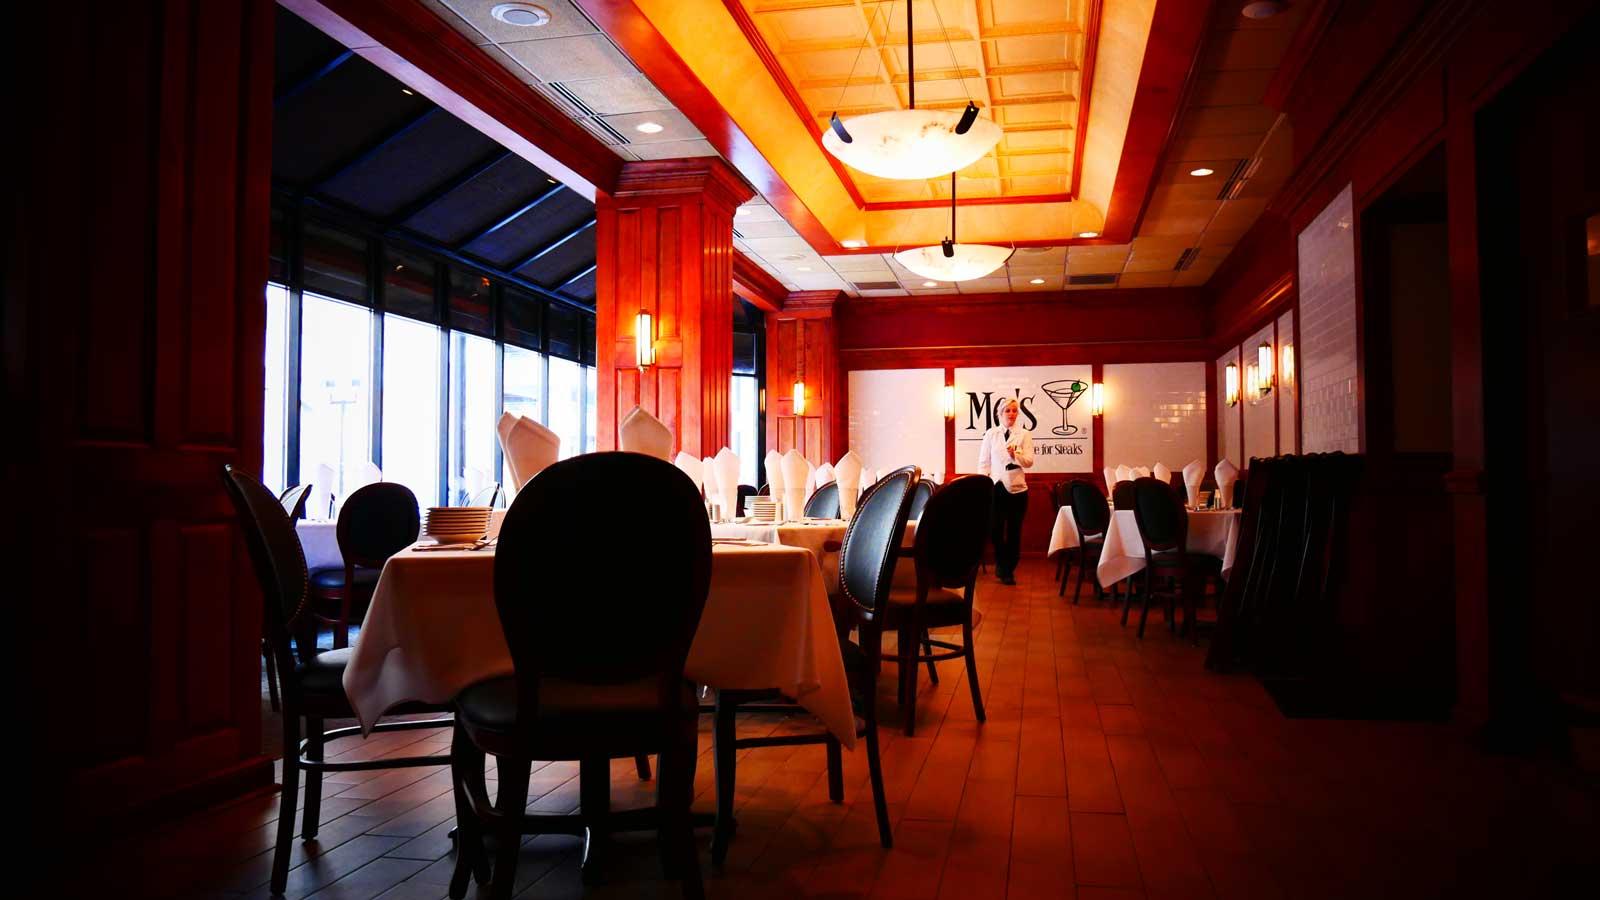 inside-mos-steakhouse.jpg